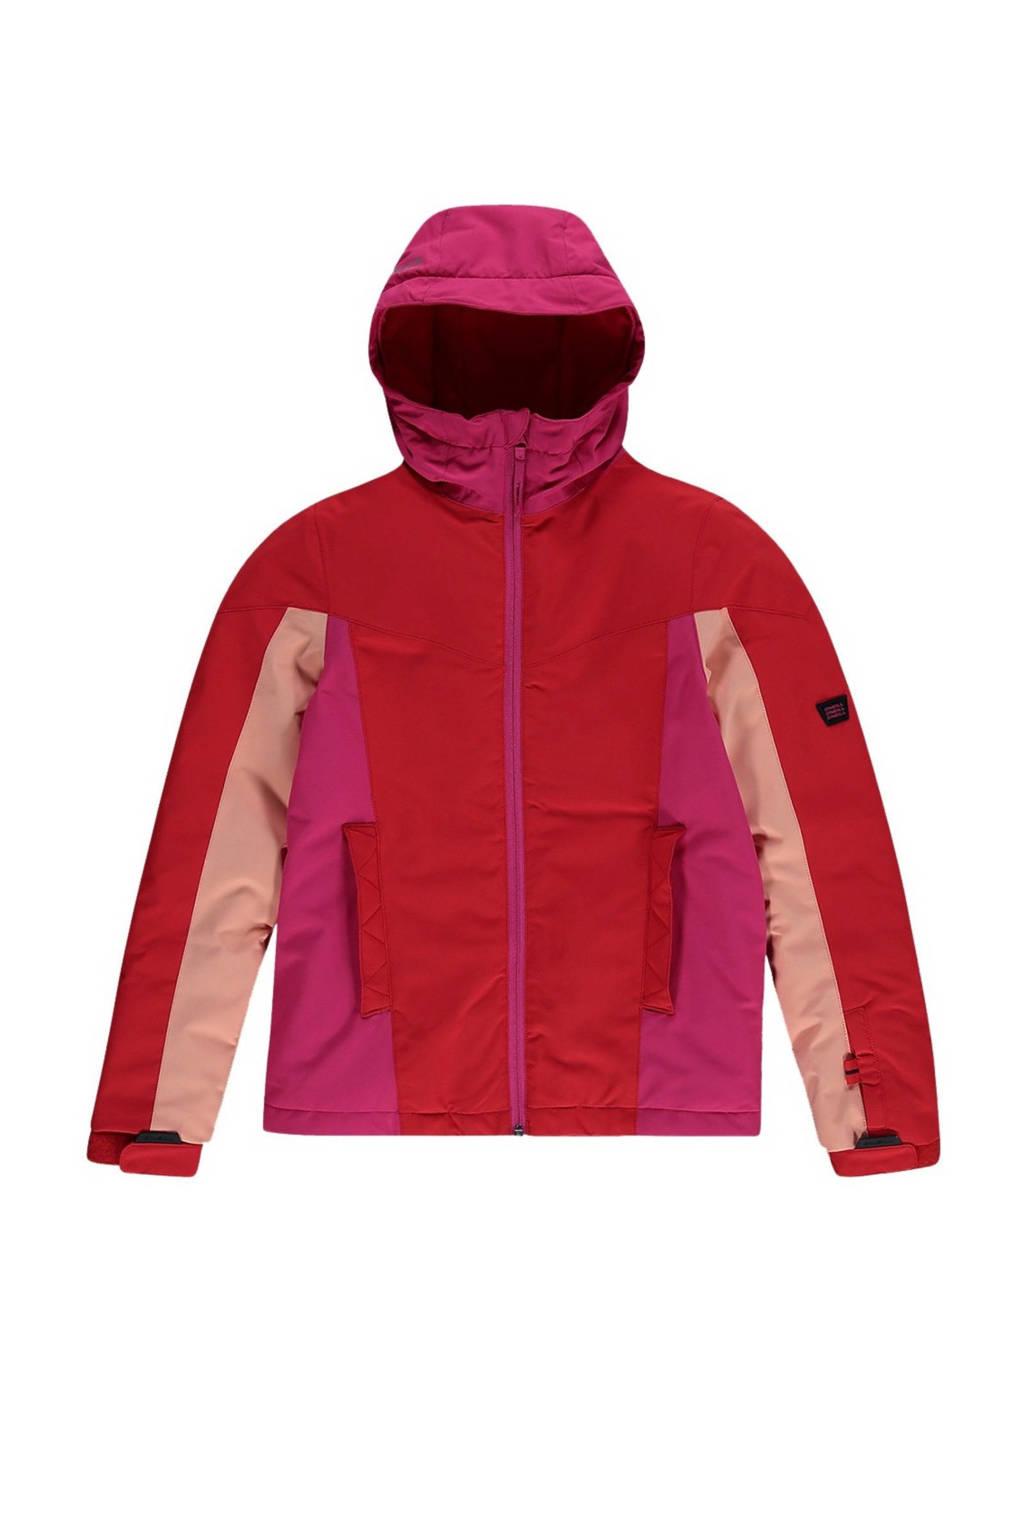 O'Neill jack Blaze rood/roze, Fiery red